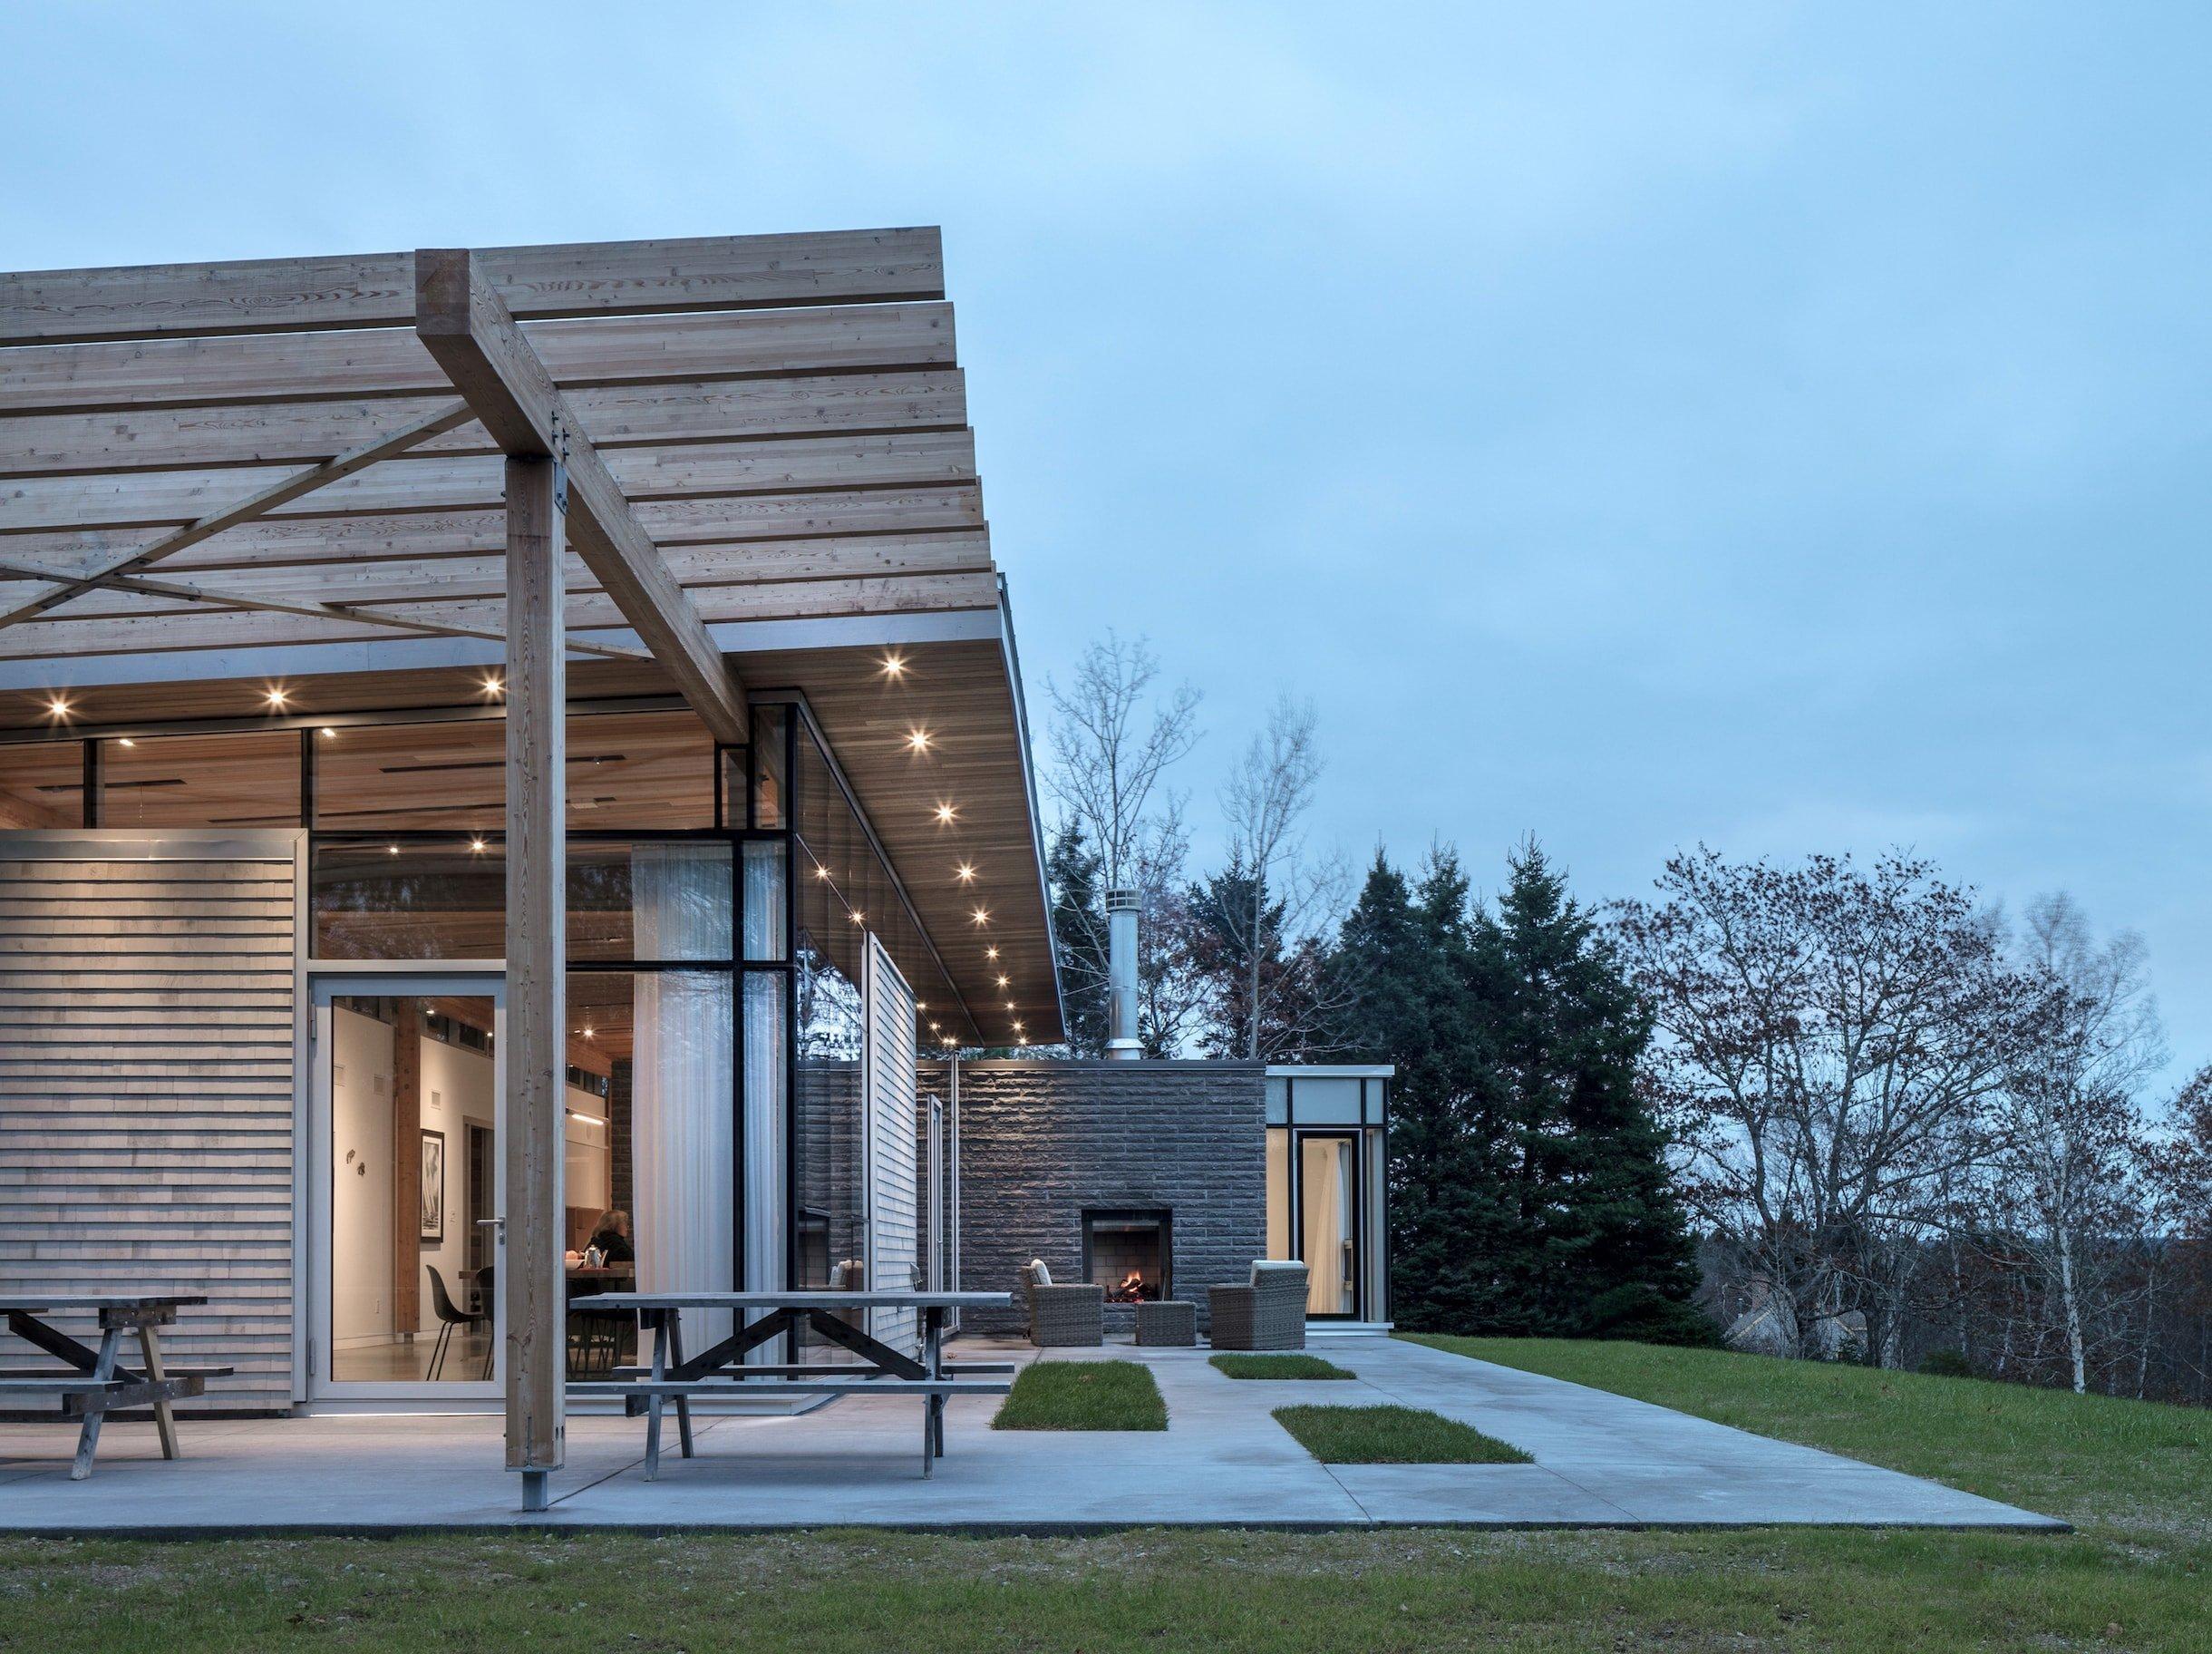 Ohromující moderní bydlení navržené pro pár v zasloužilém věku